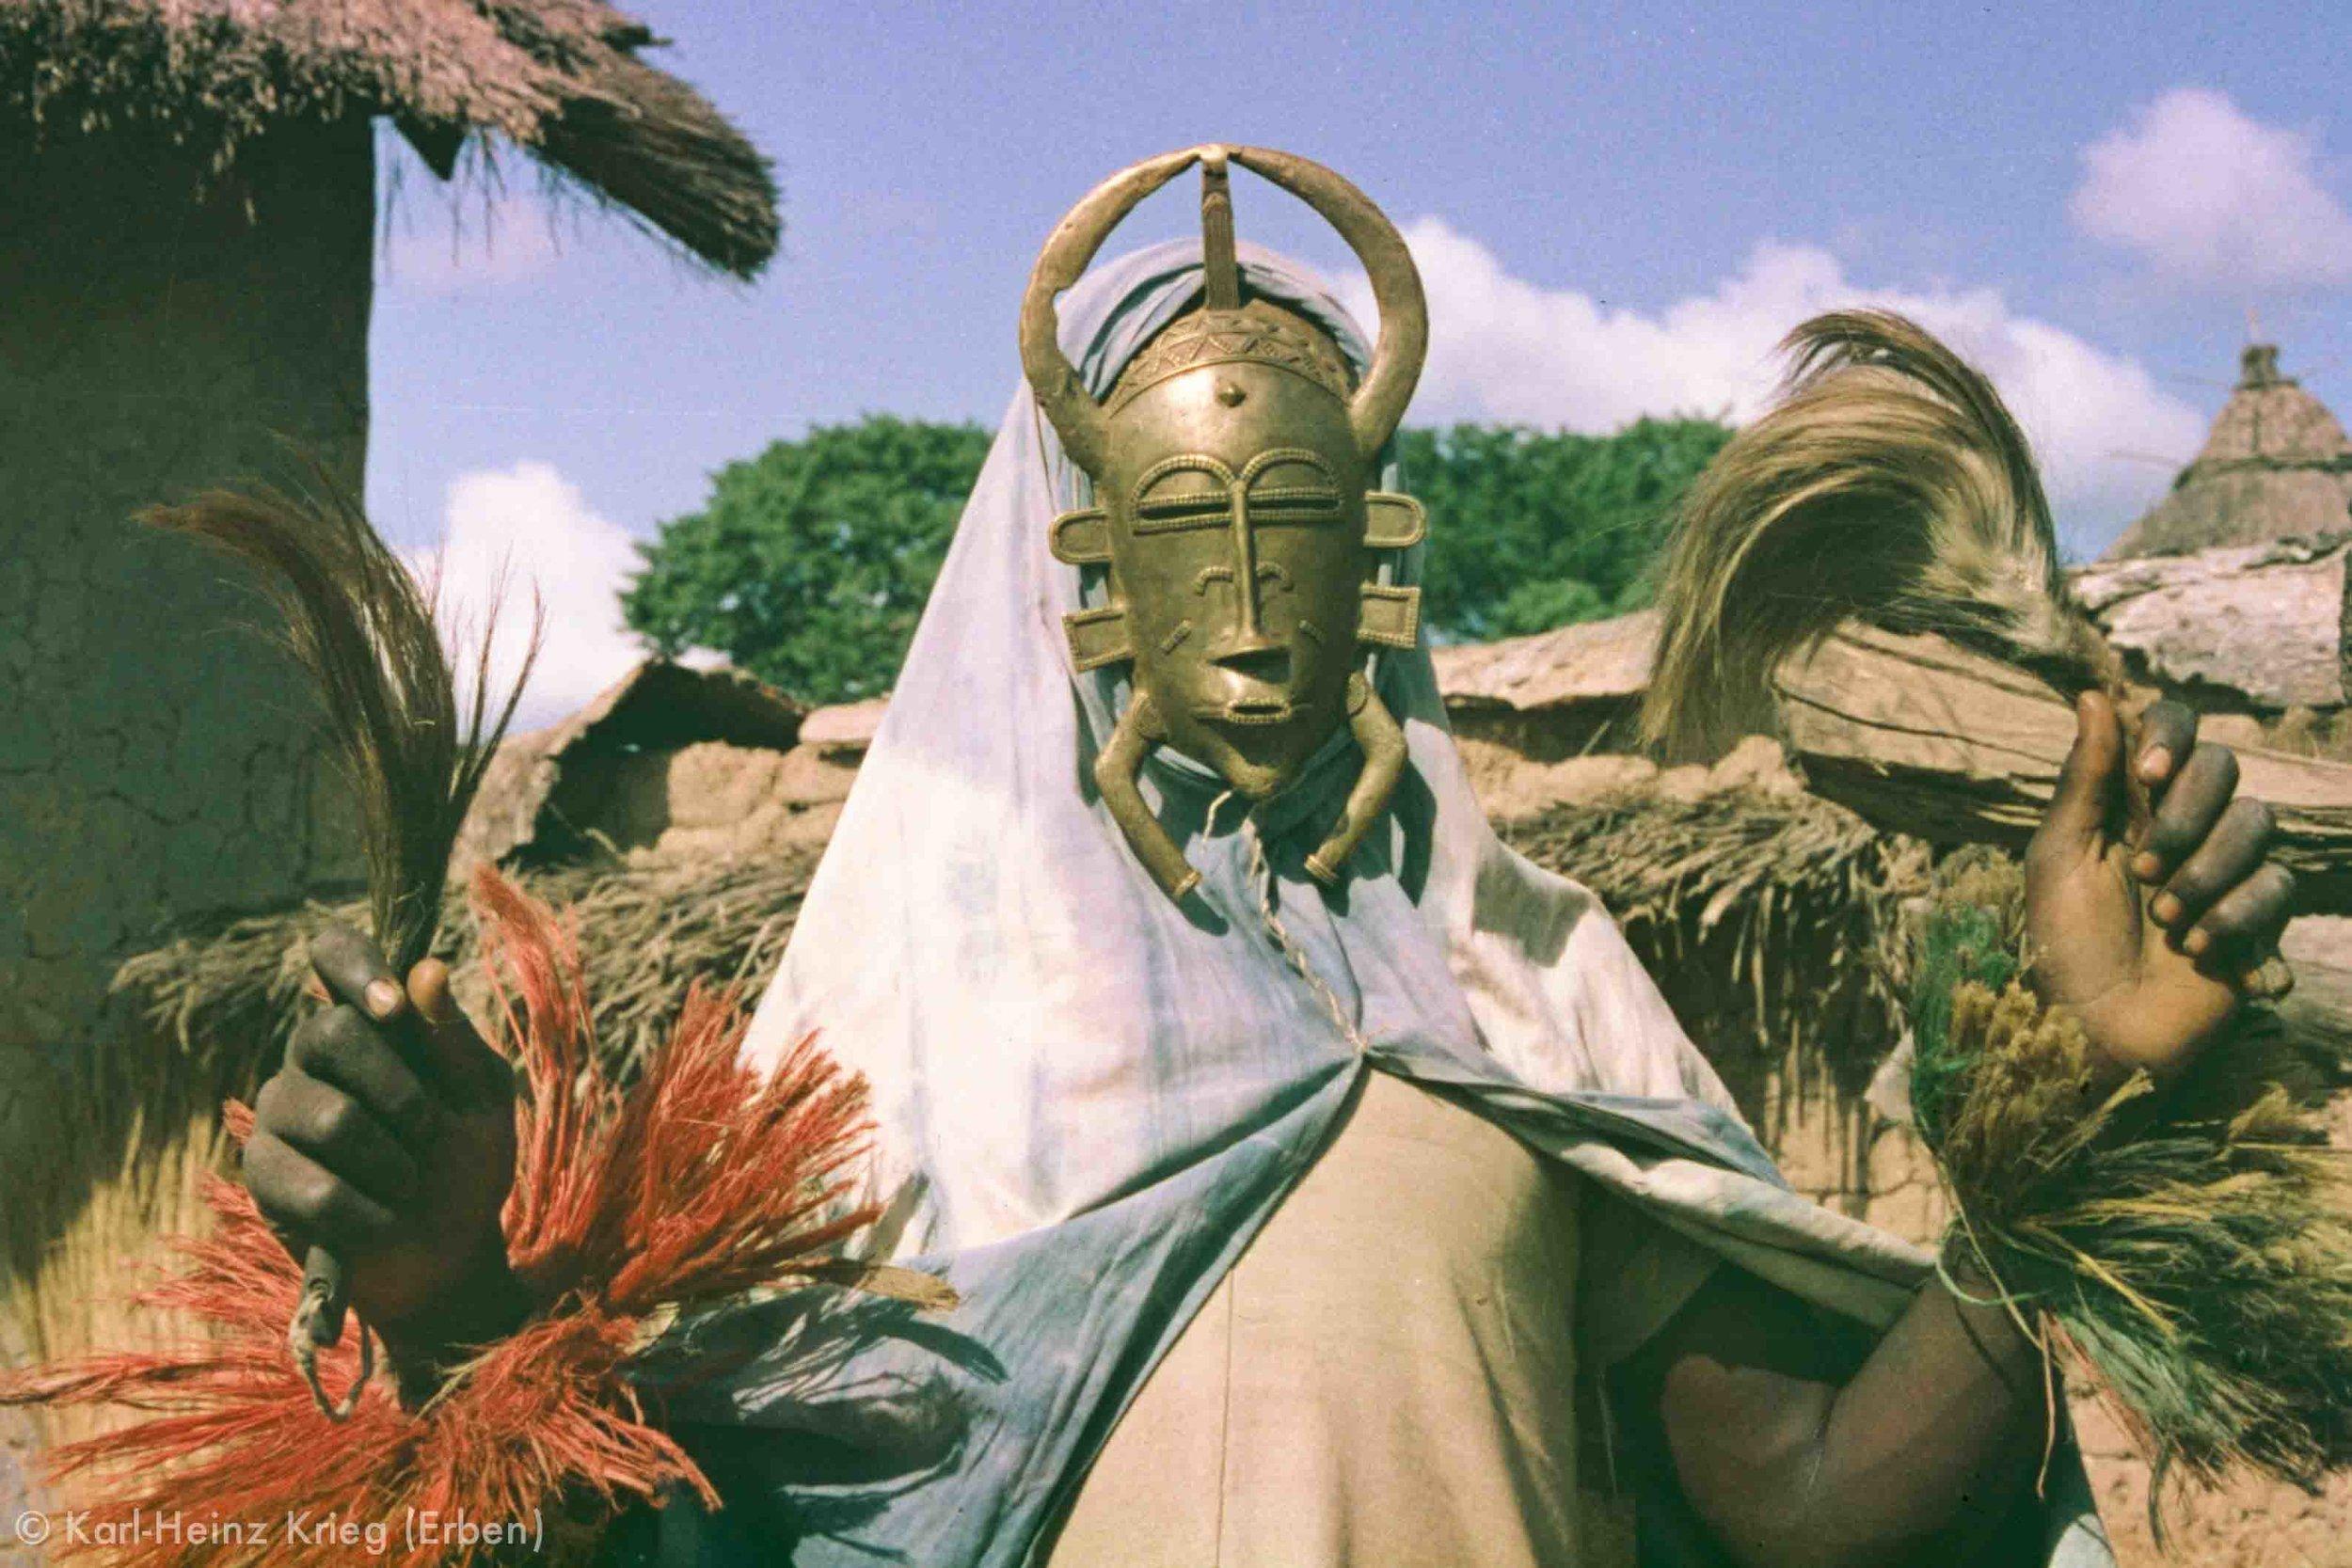 Kpelié-Masken der Senufo (Côte d'Ivoire)